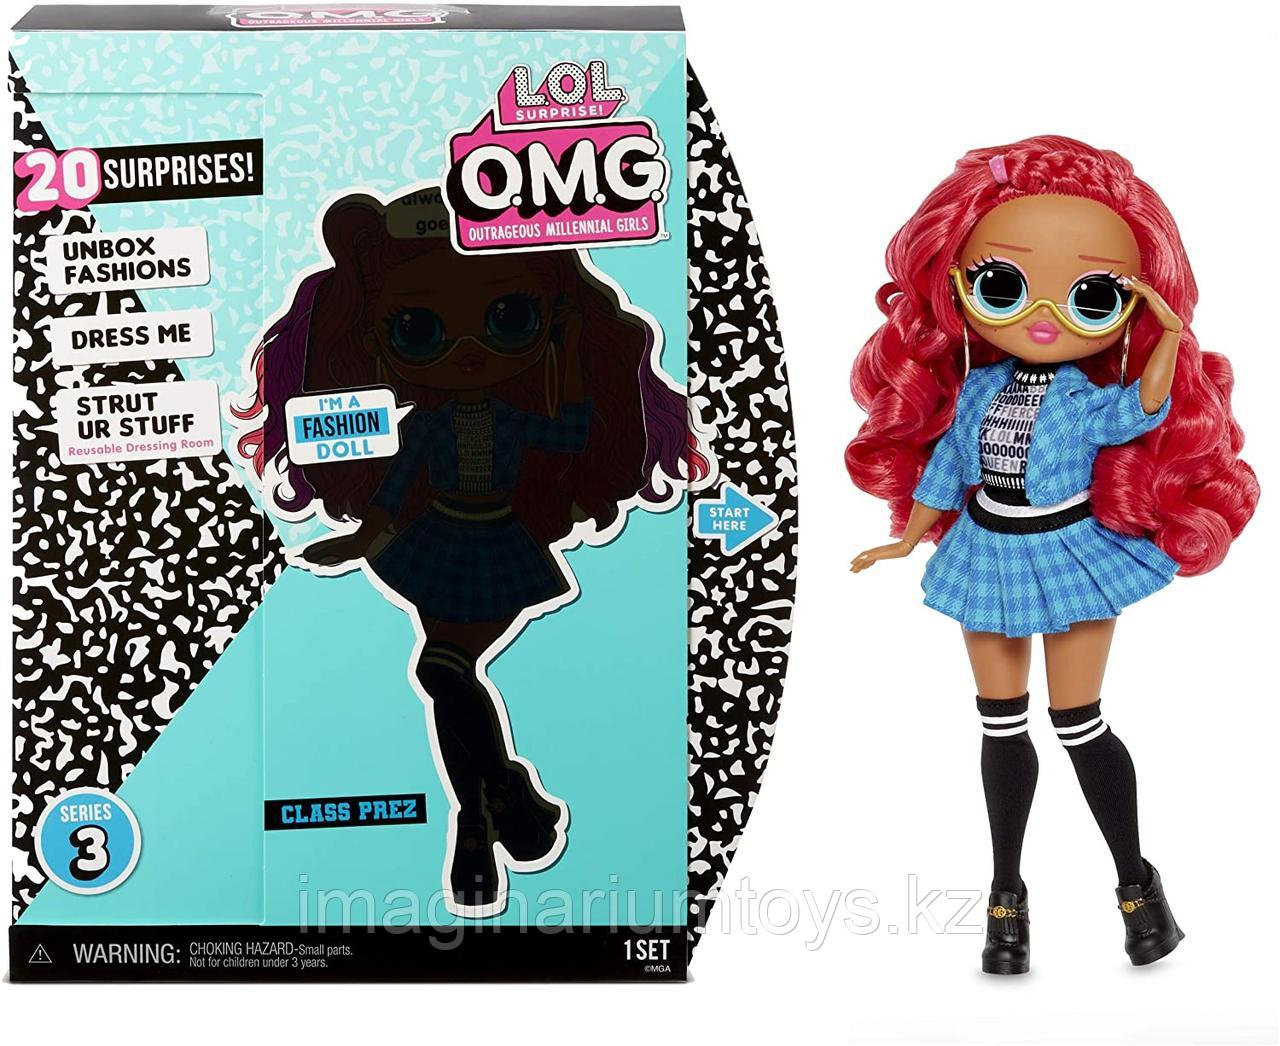 Большая кукла LOL Surprise OMG 3 серия Class Prez